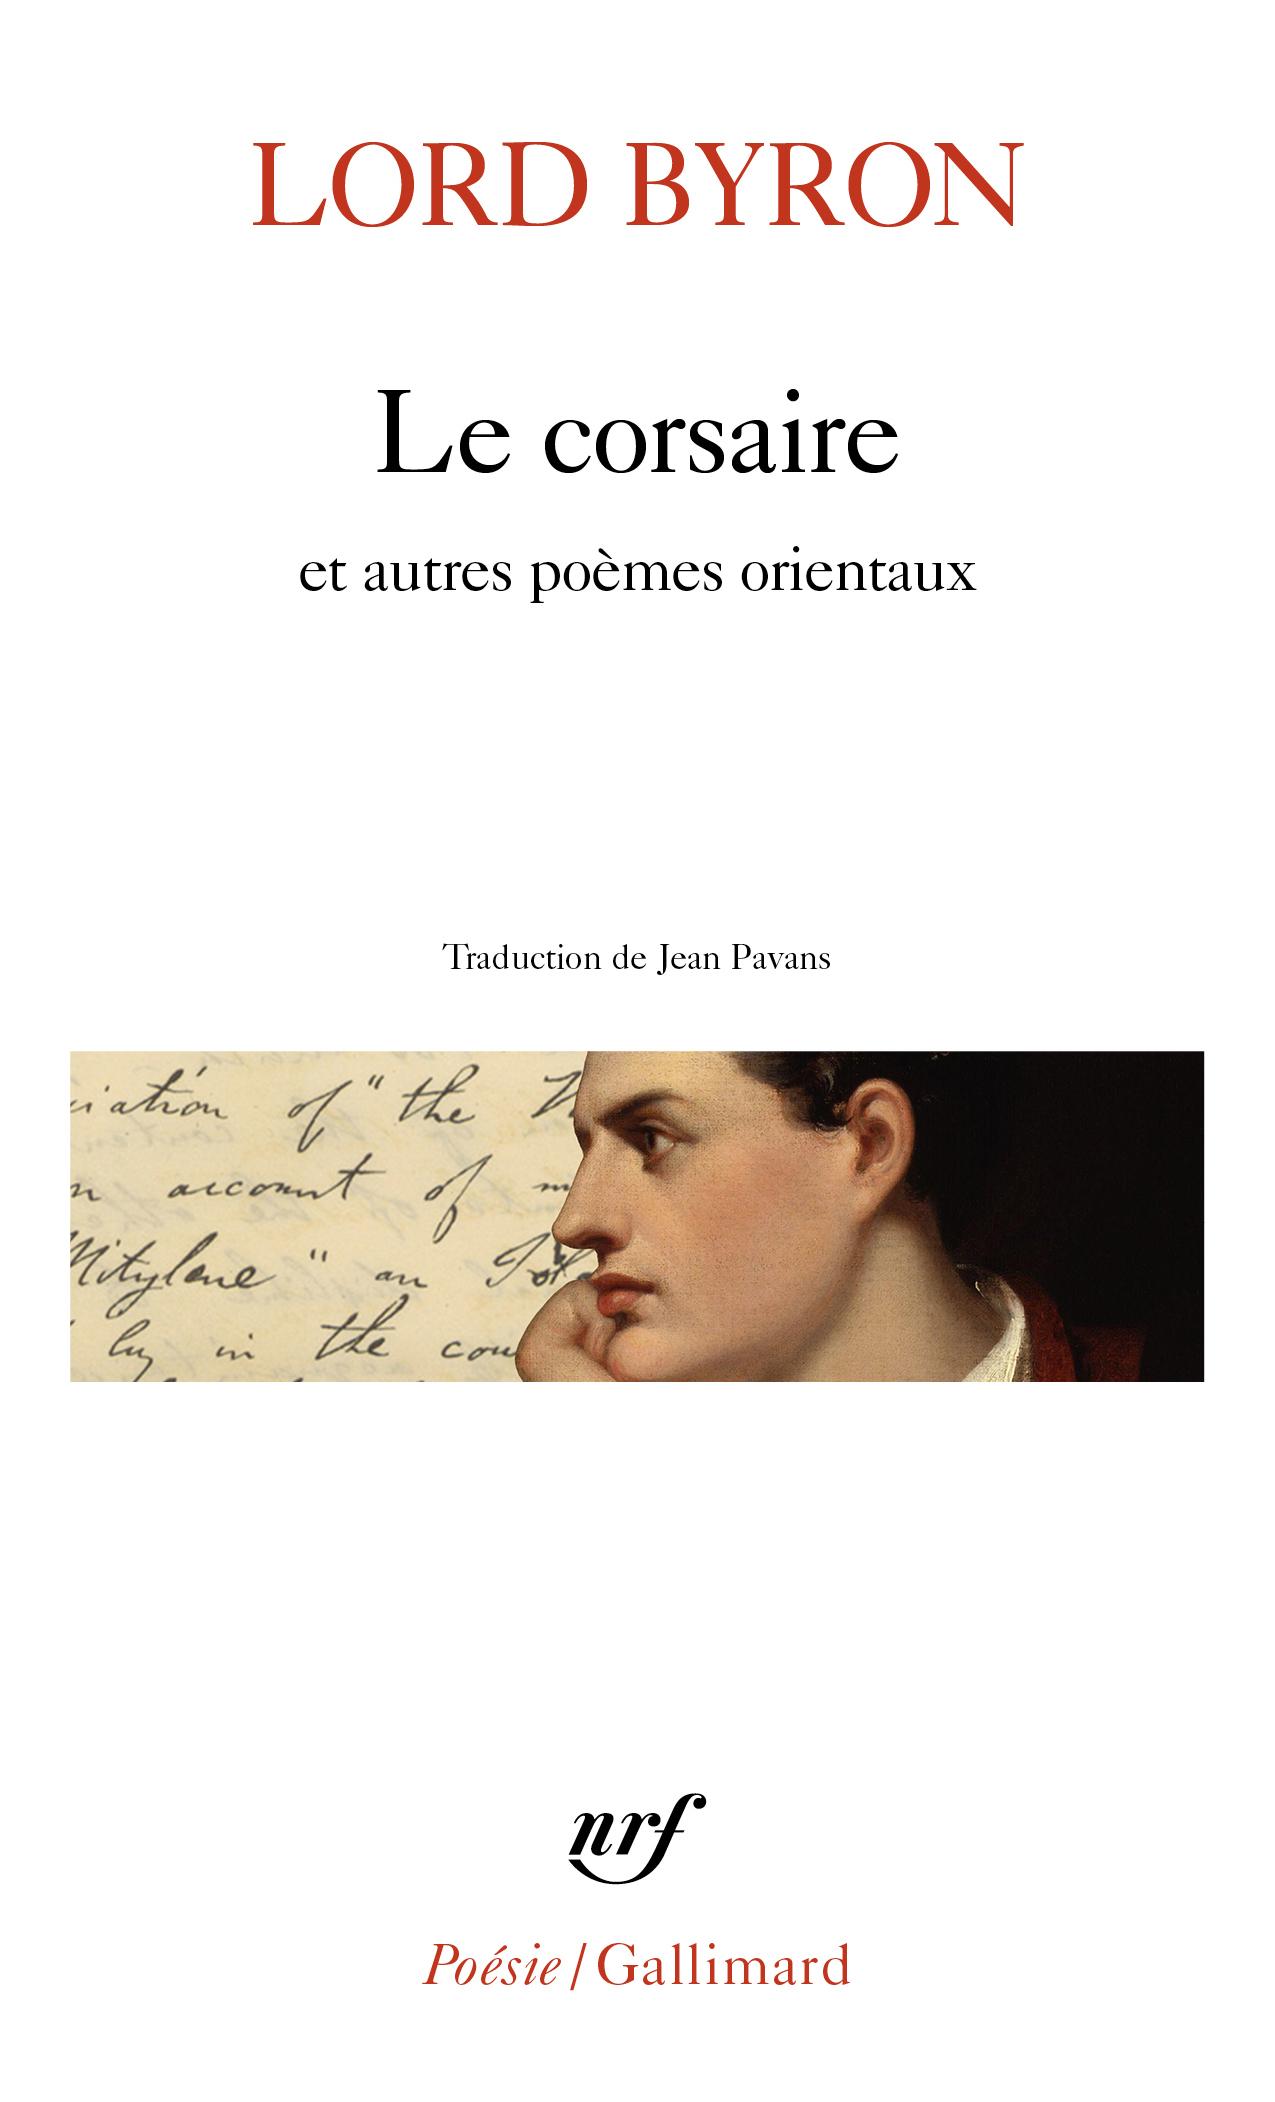 Lord Byron, Le corsaire et autres poèmes orientaux